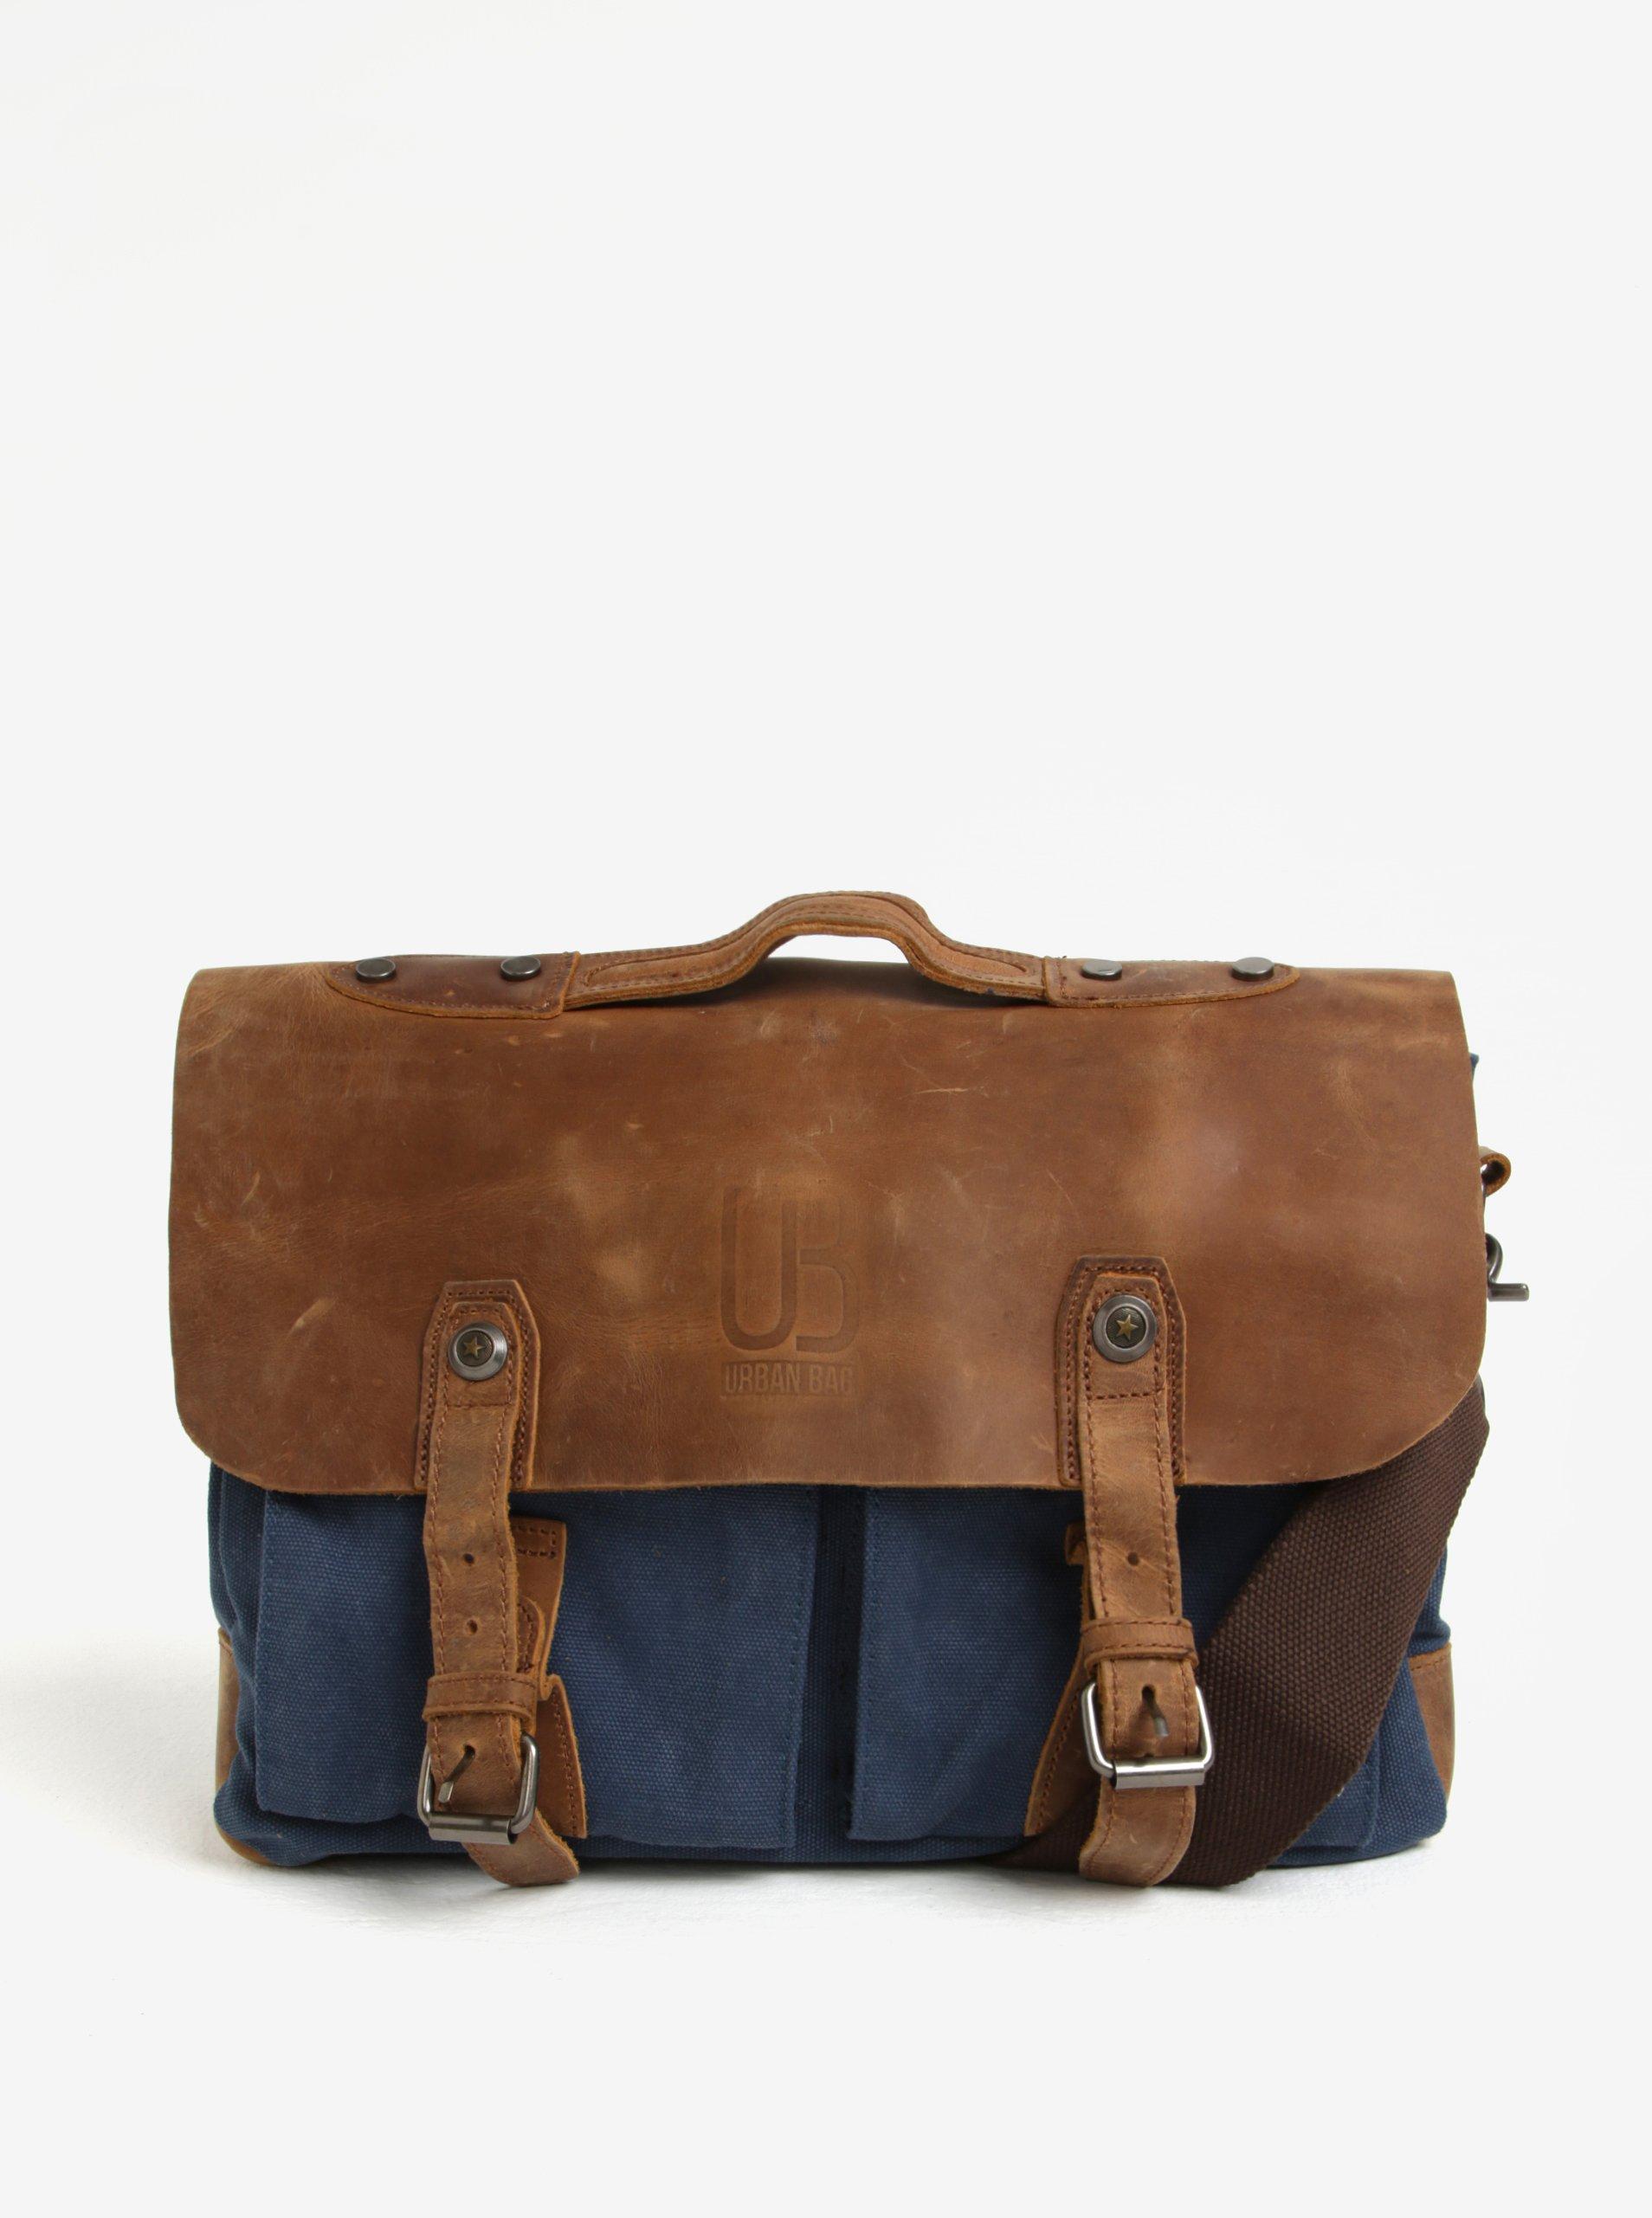 Hnedo-modrá kožená taška Urban Bag 4eade51b716